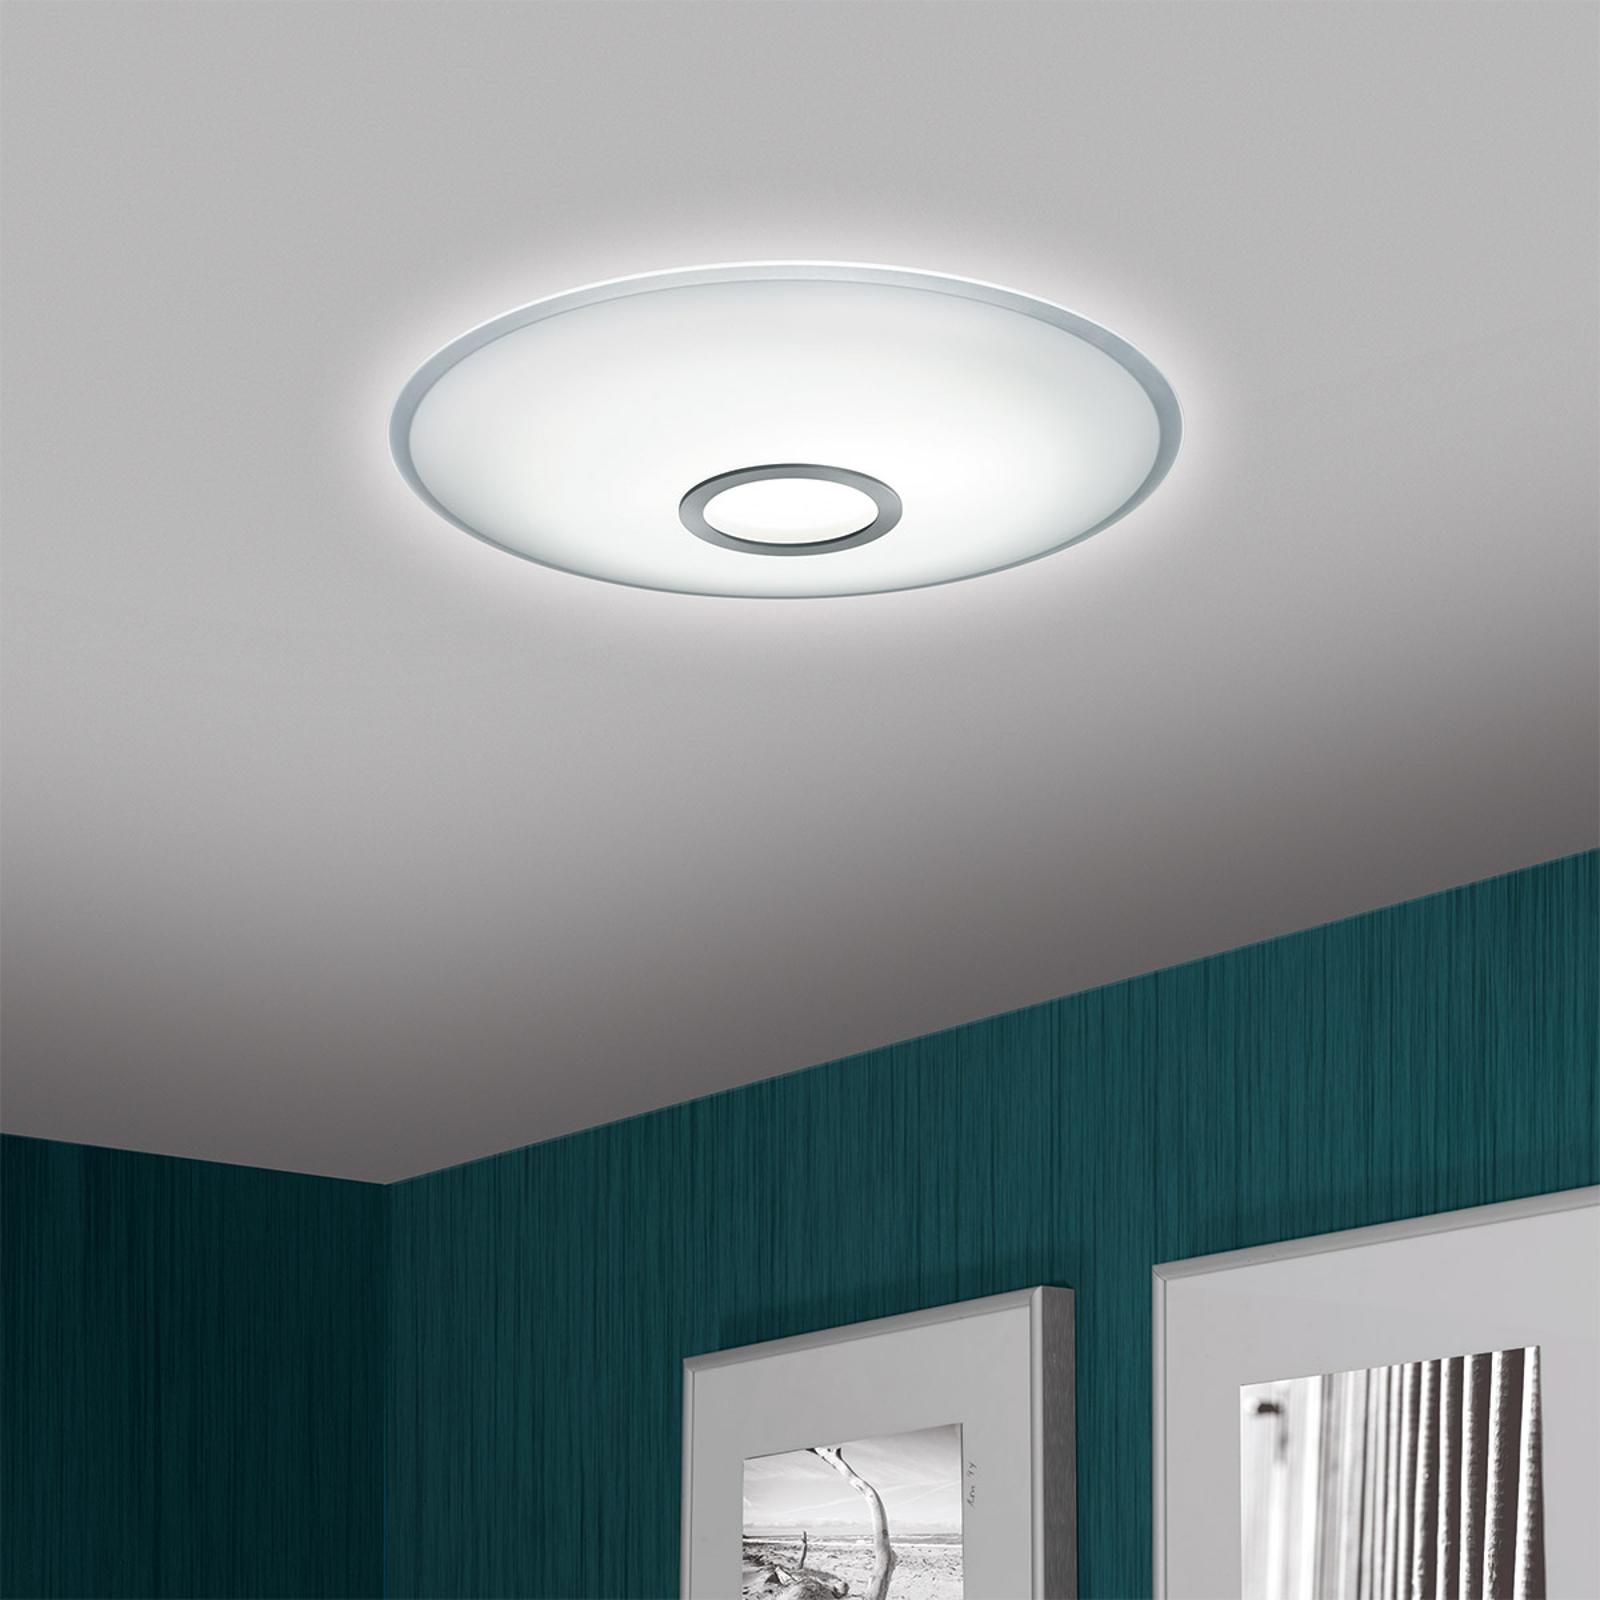 Produktové foto Helestra Helestra Nuno – stropní LED svítidlo, matný nikl